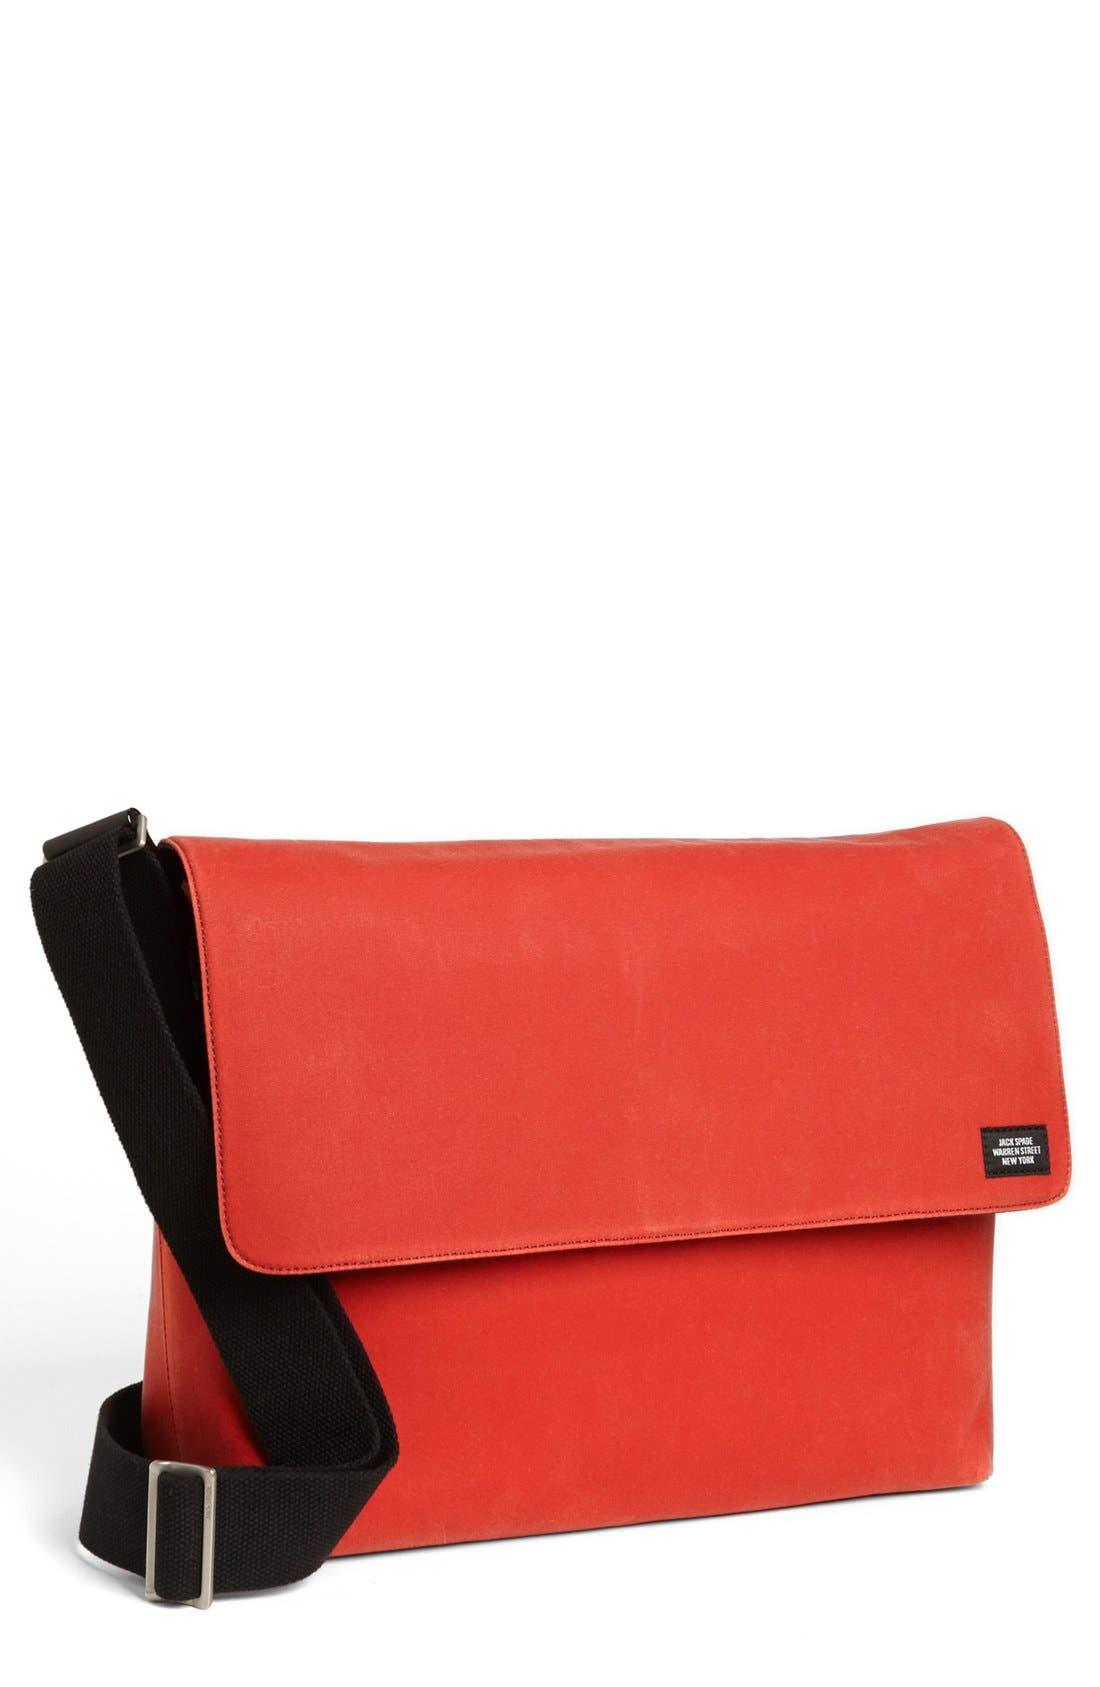 Alternate Image 1 Selected - Jack Spade 'Waxwear' Laptop Field Bag